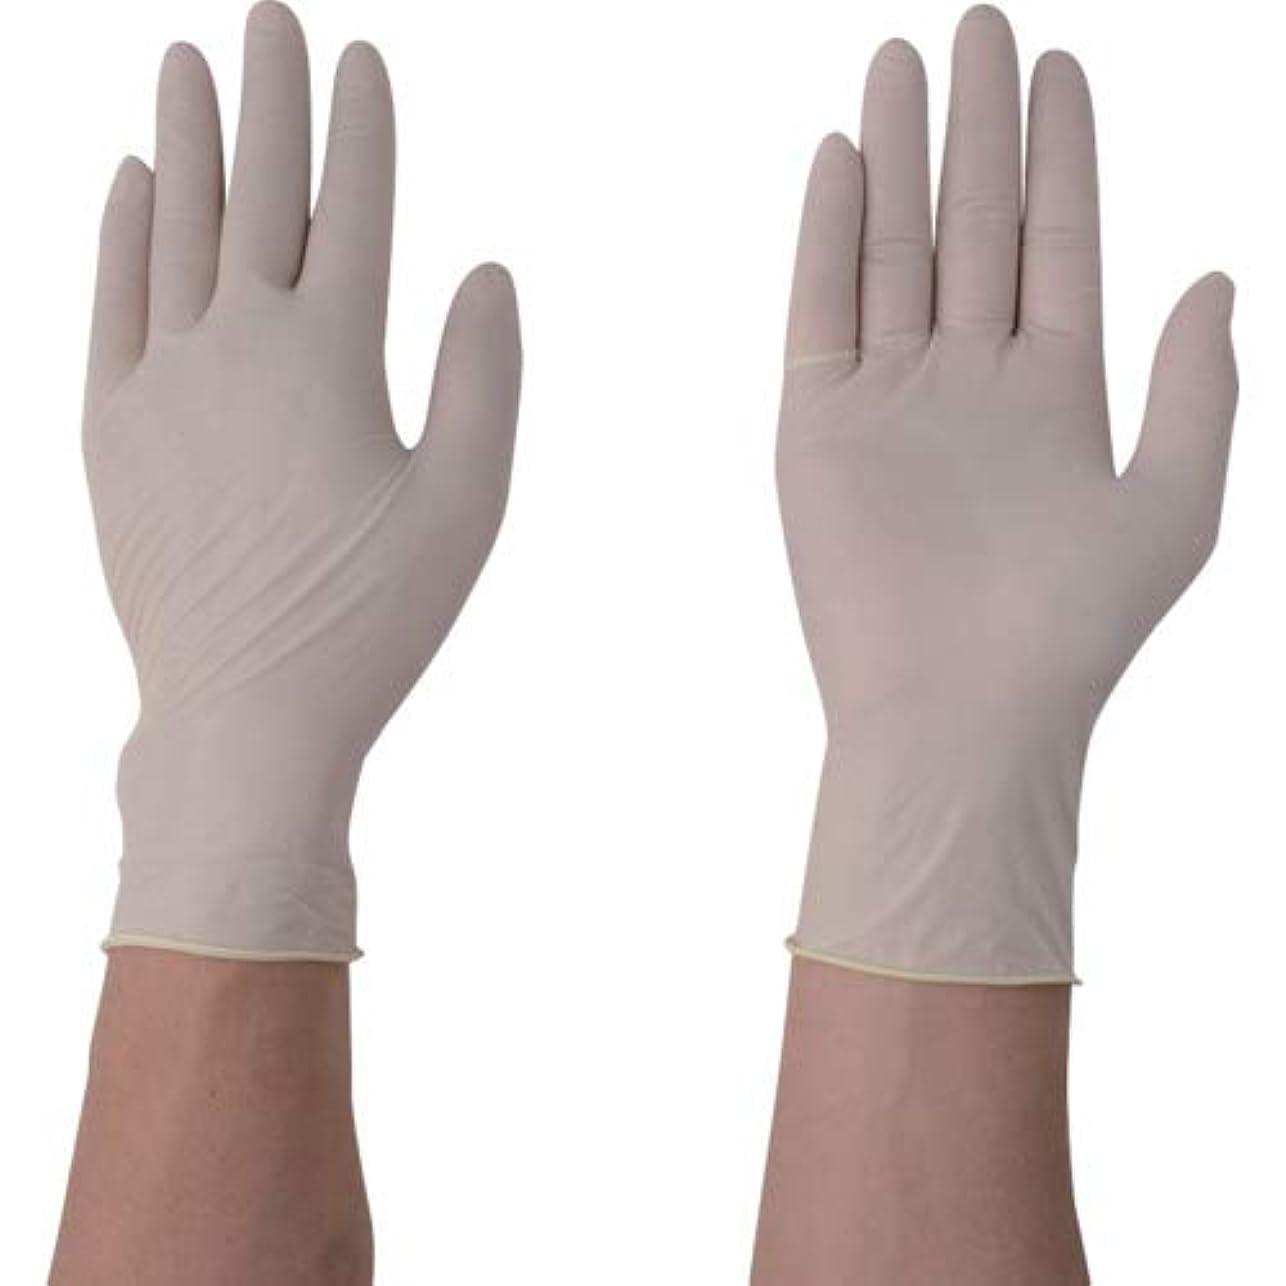 スキッパー免除問い合わせアズワン ナビロール手袋(エコノミータイプ?パウダーフリー) M